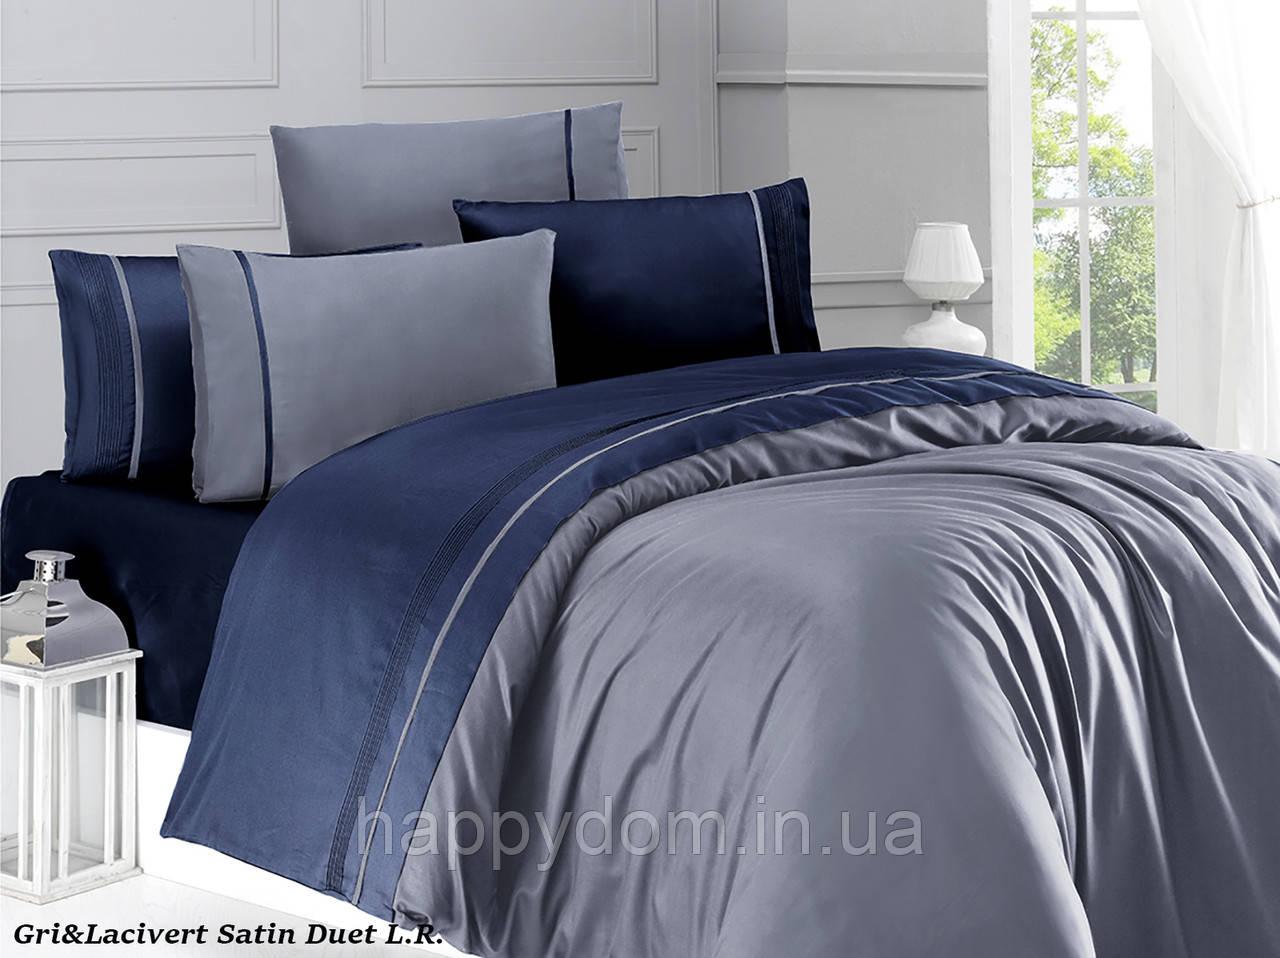 Постельное белье сатин однотонный dark blue